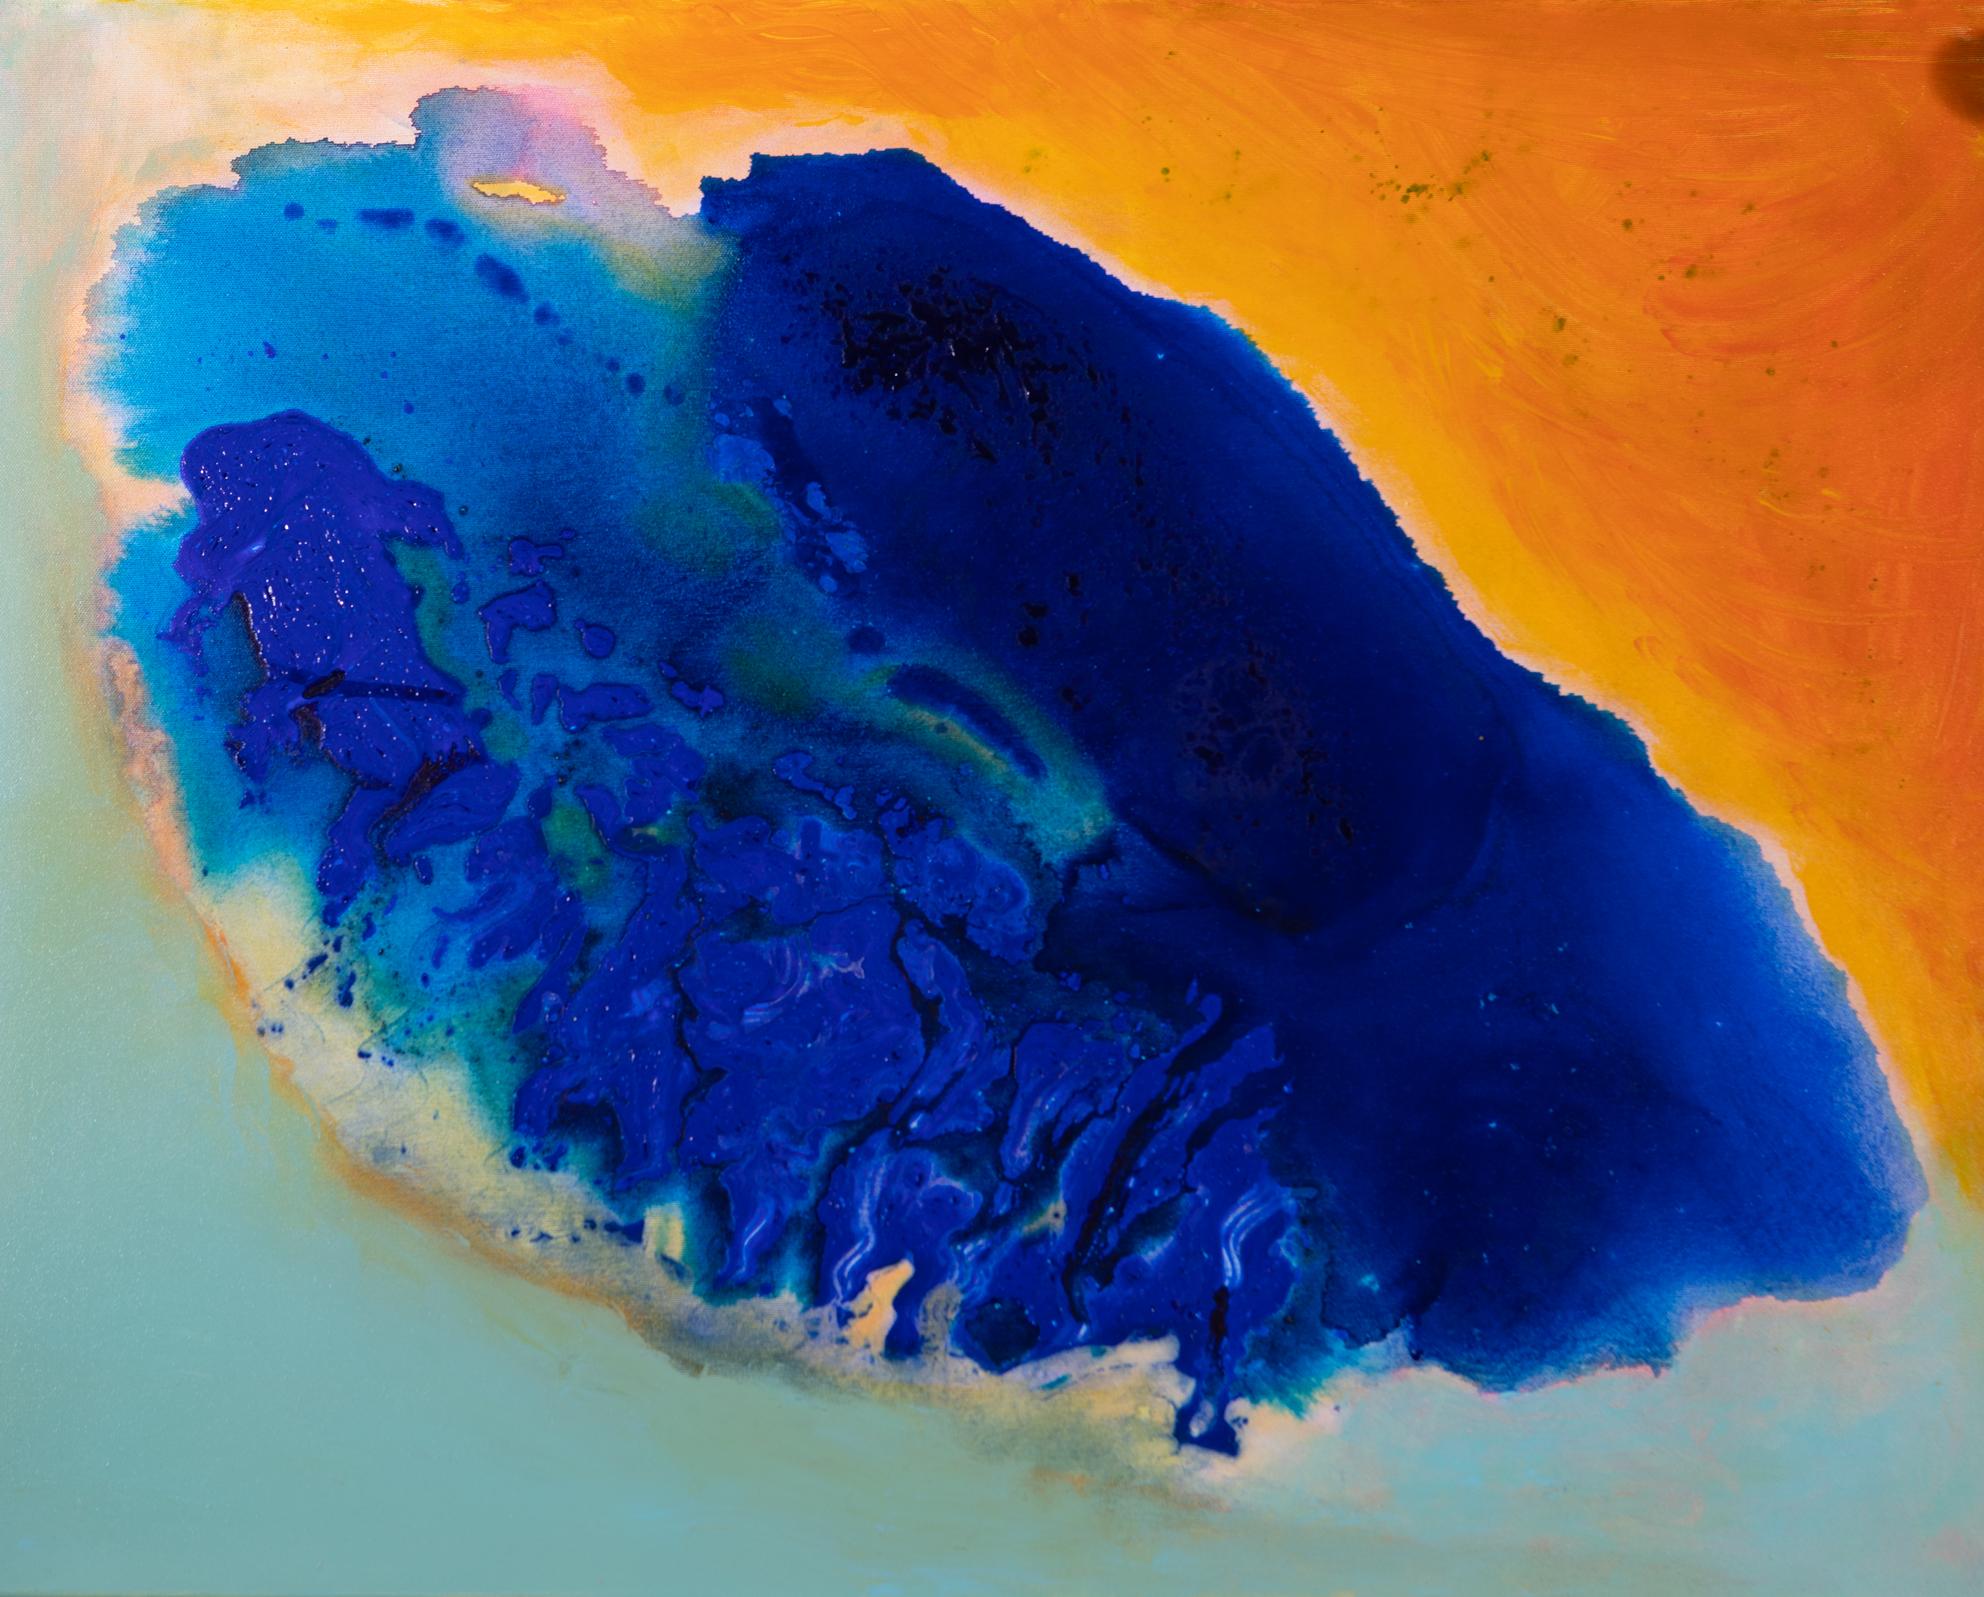 Kaspisches Meer - Acryl auf Leinwand80 x 100 cm